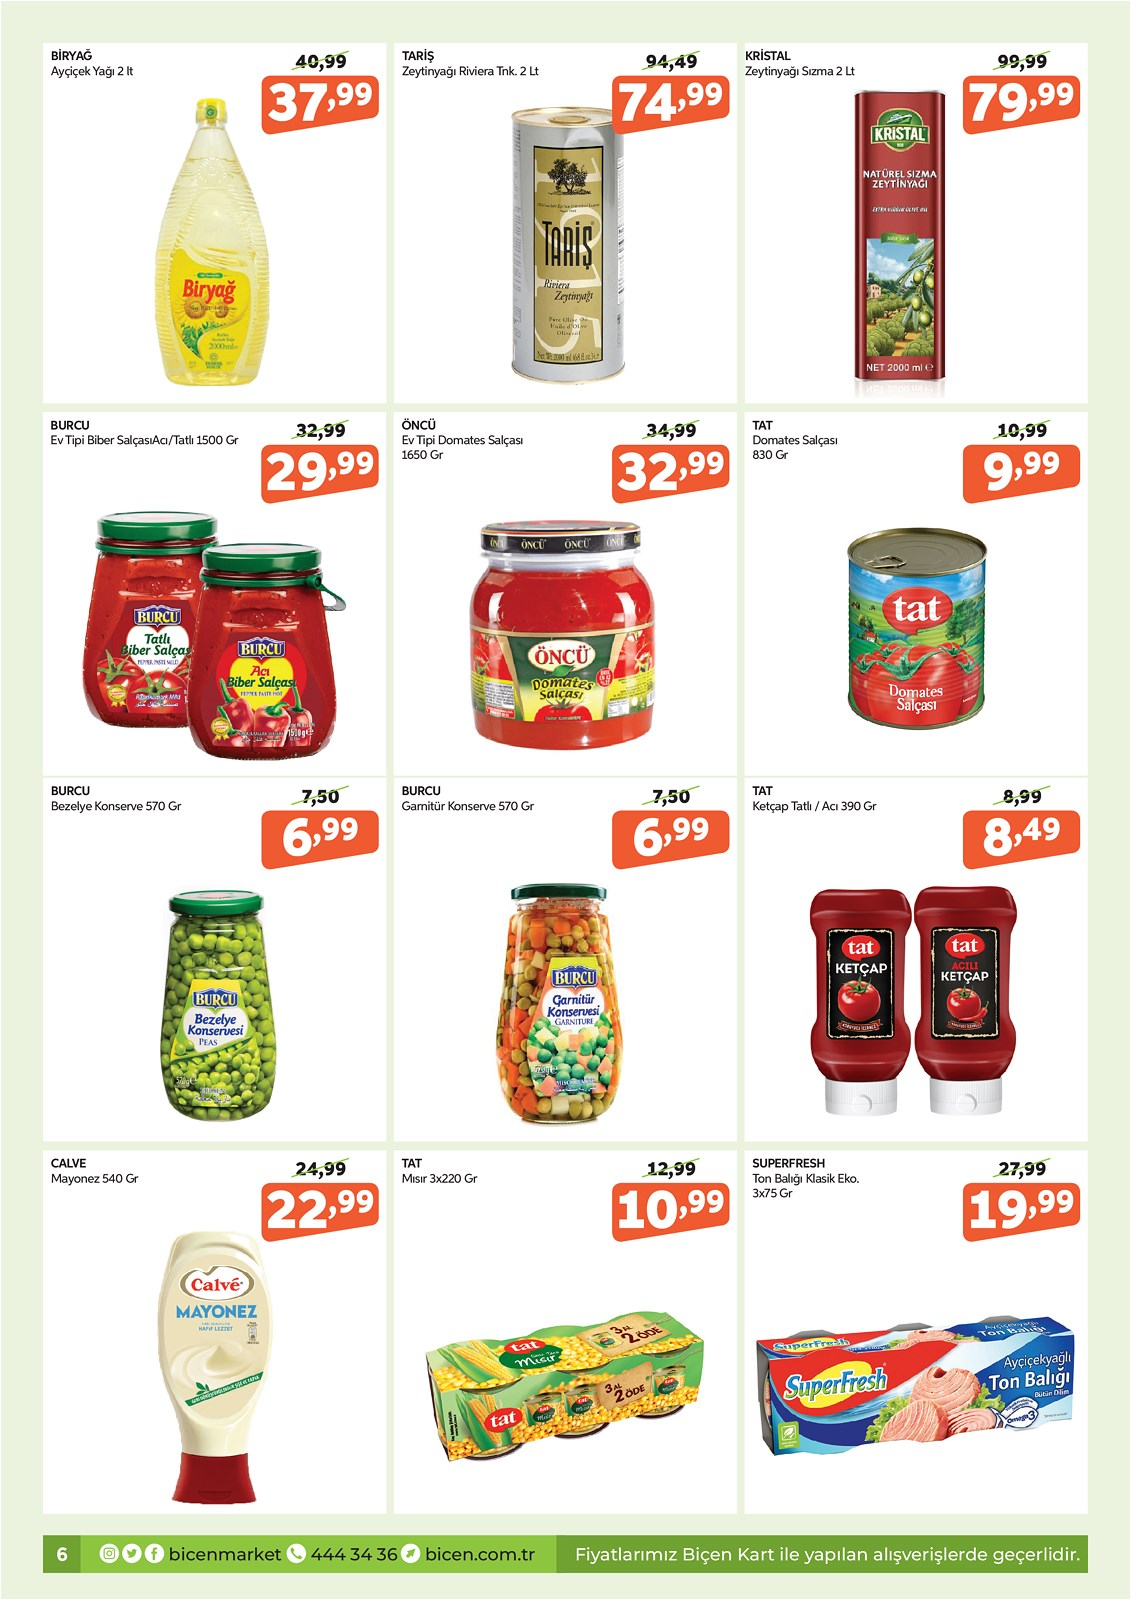 07.10.2021 Biçen Market broşürü 6. sayfa